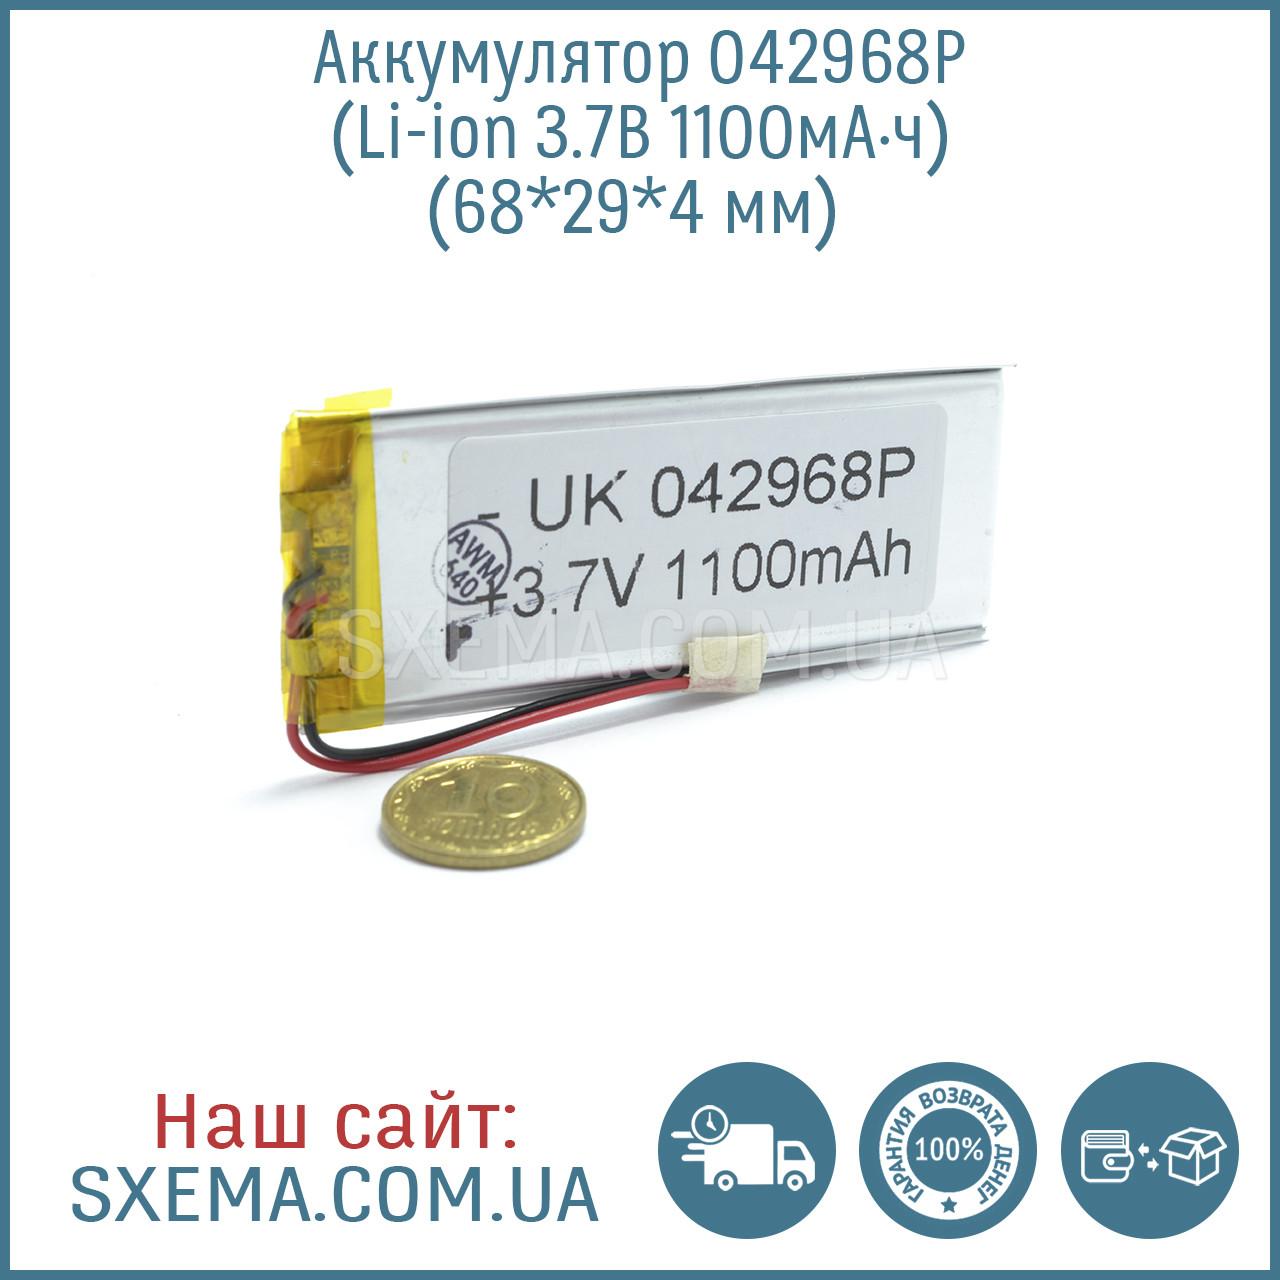 Аккумулятор универсальный 042968 (Li-ion 3.7В 1100мА·ч), (68*29*4 мм)